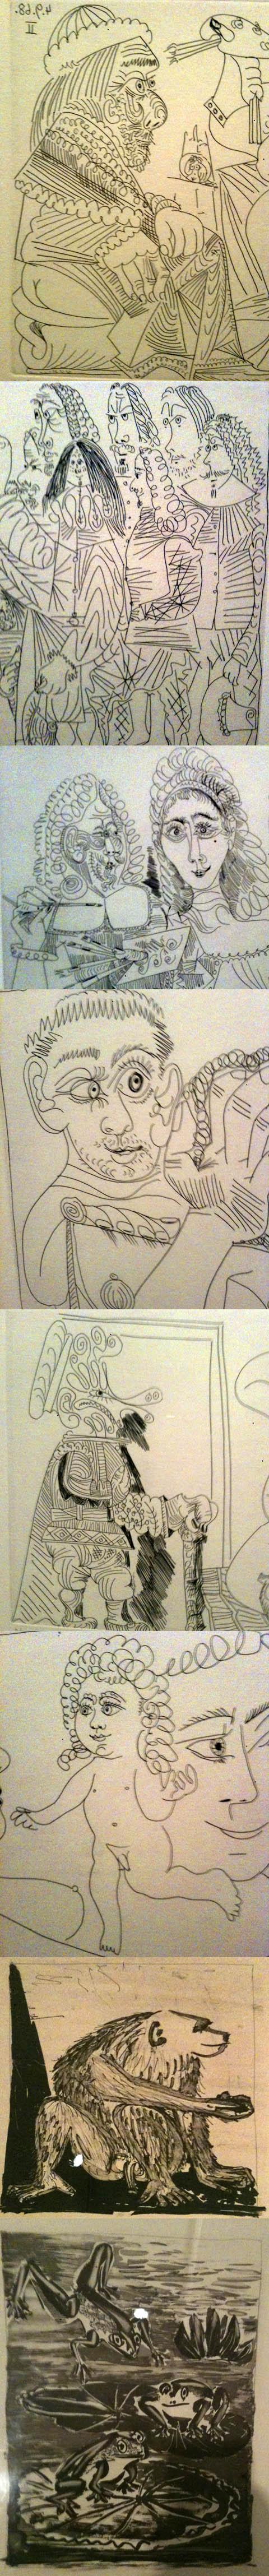 Picasso cartoons